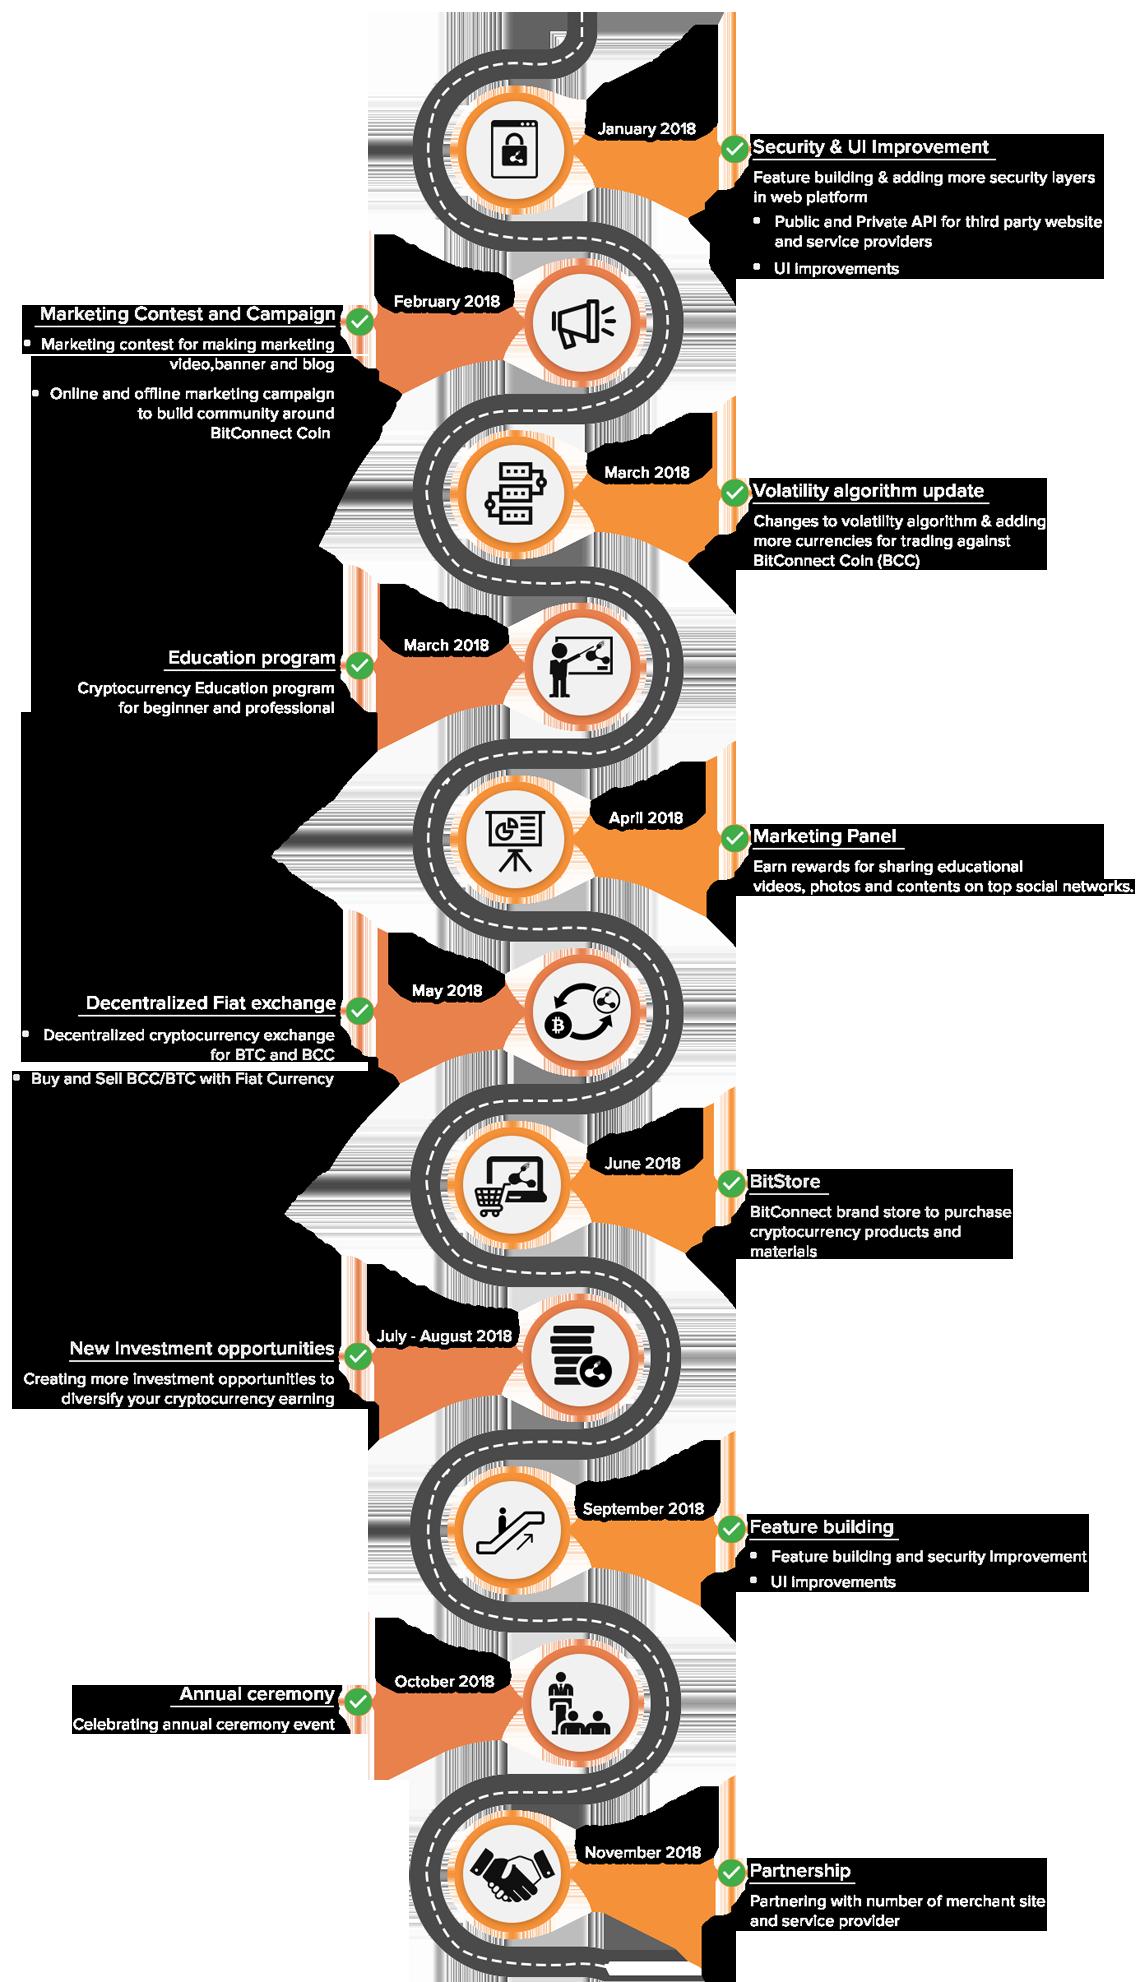 roadmap2018.png